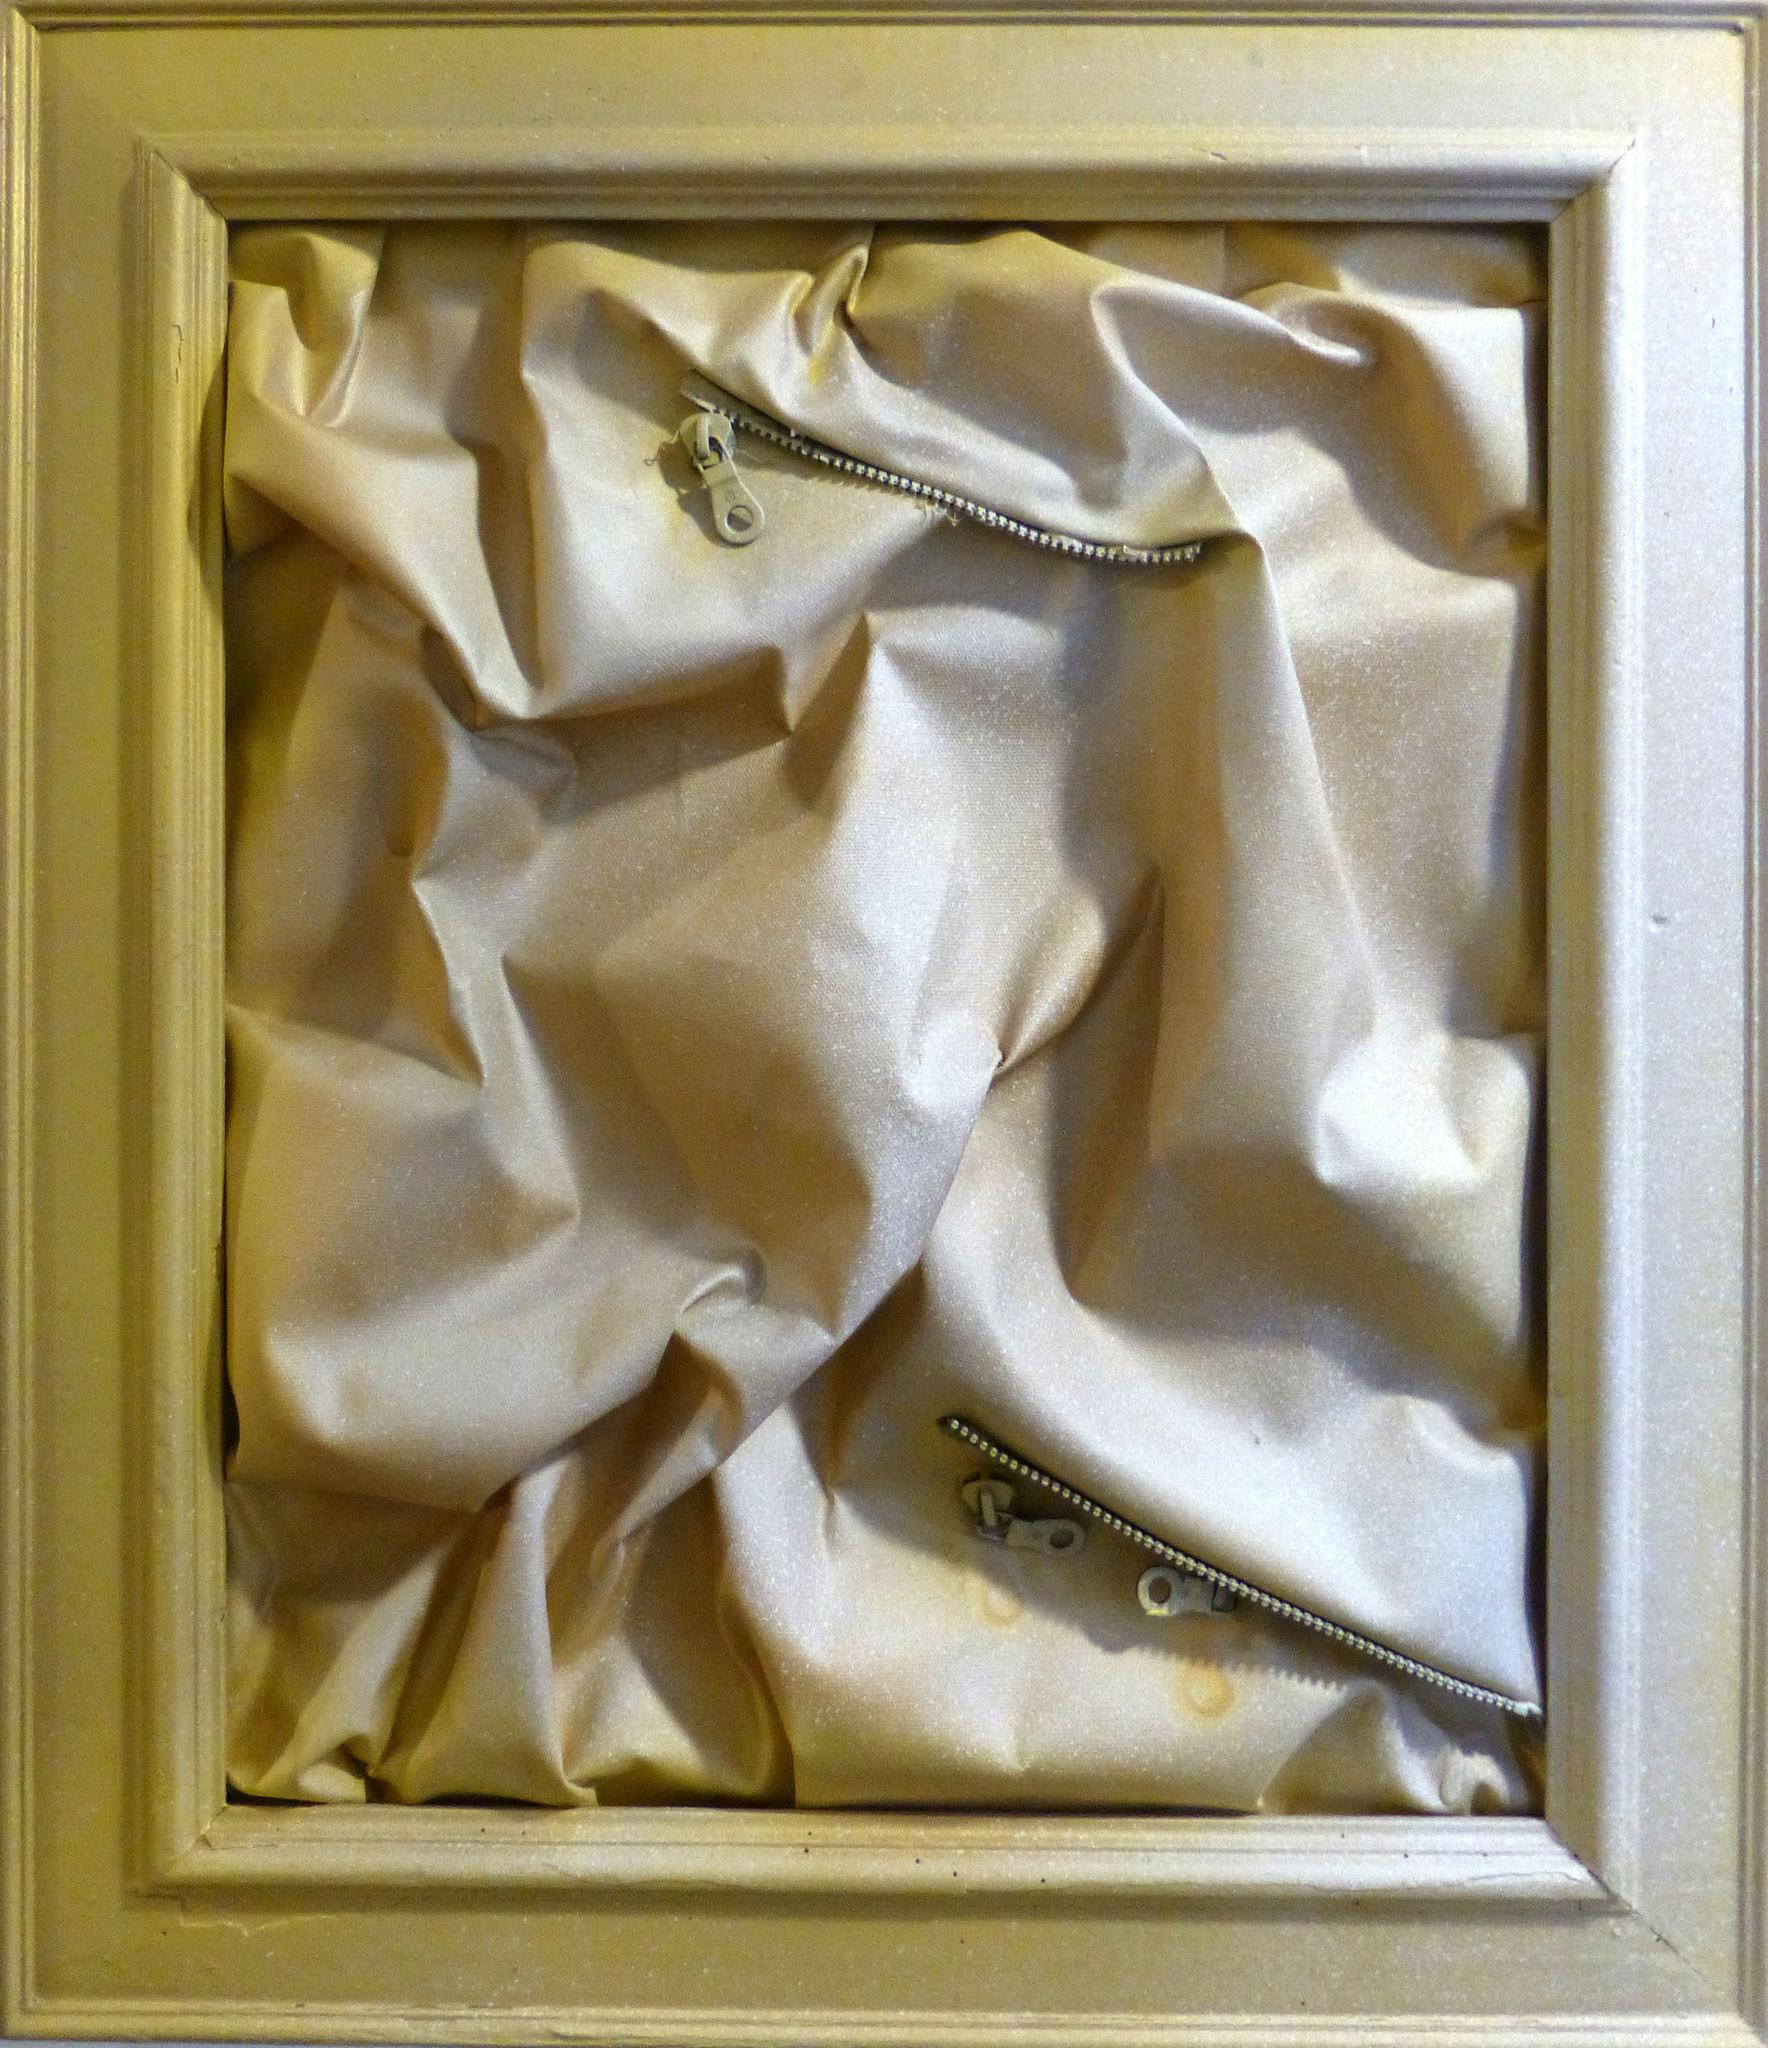 """""""Golden Chaos"""",  cm 63 x 55/Technique mixte sur toile avec fermeture éclair /Année 2016 /Publié www.ritzow. com /Exposé Galleria ArteCapital Brescia, Showroom Ritzow Milano, Galerie Kunst und Medizin Berlin, Au verso Signature, Année, Timbre"""